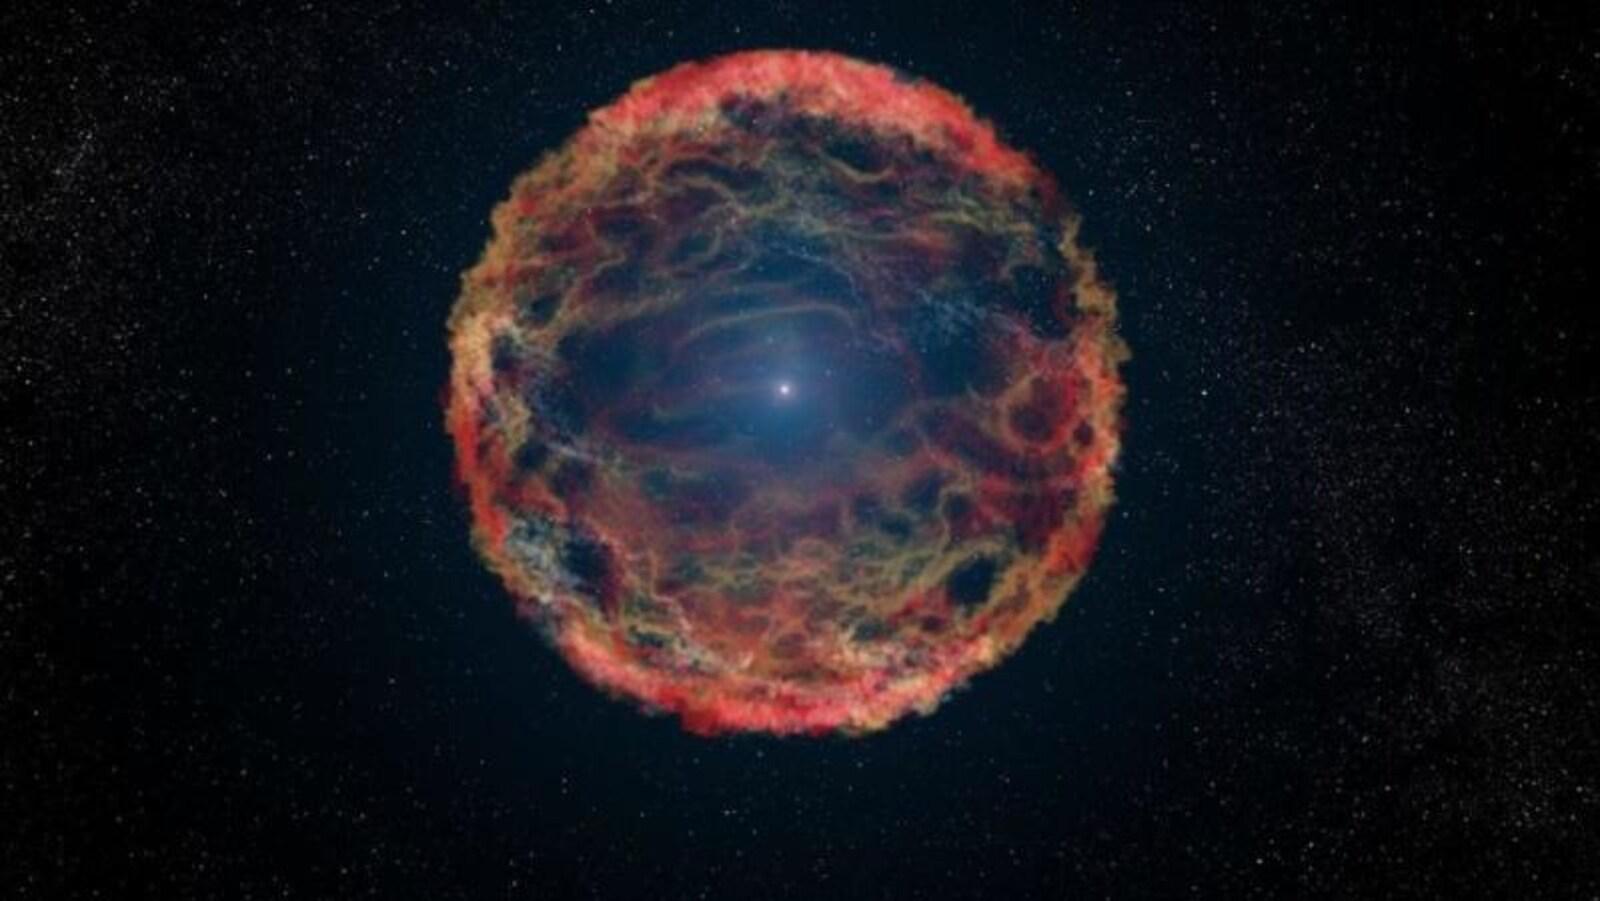 Représentation artistique d'une supernova comme iPTF14hls